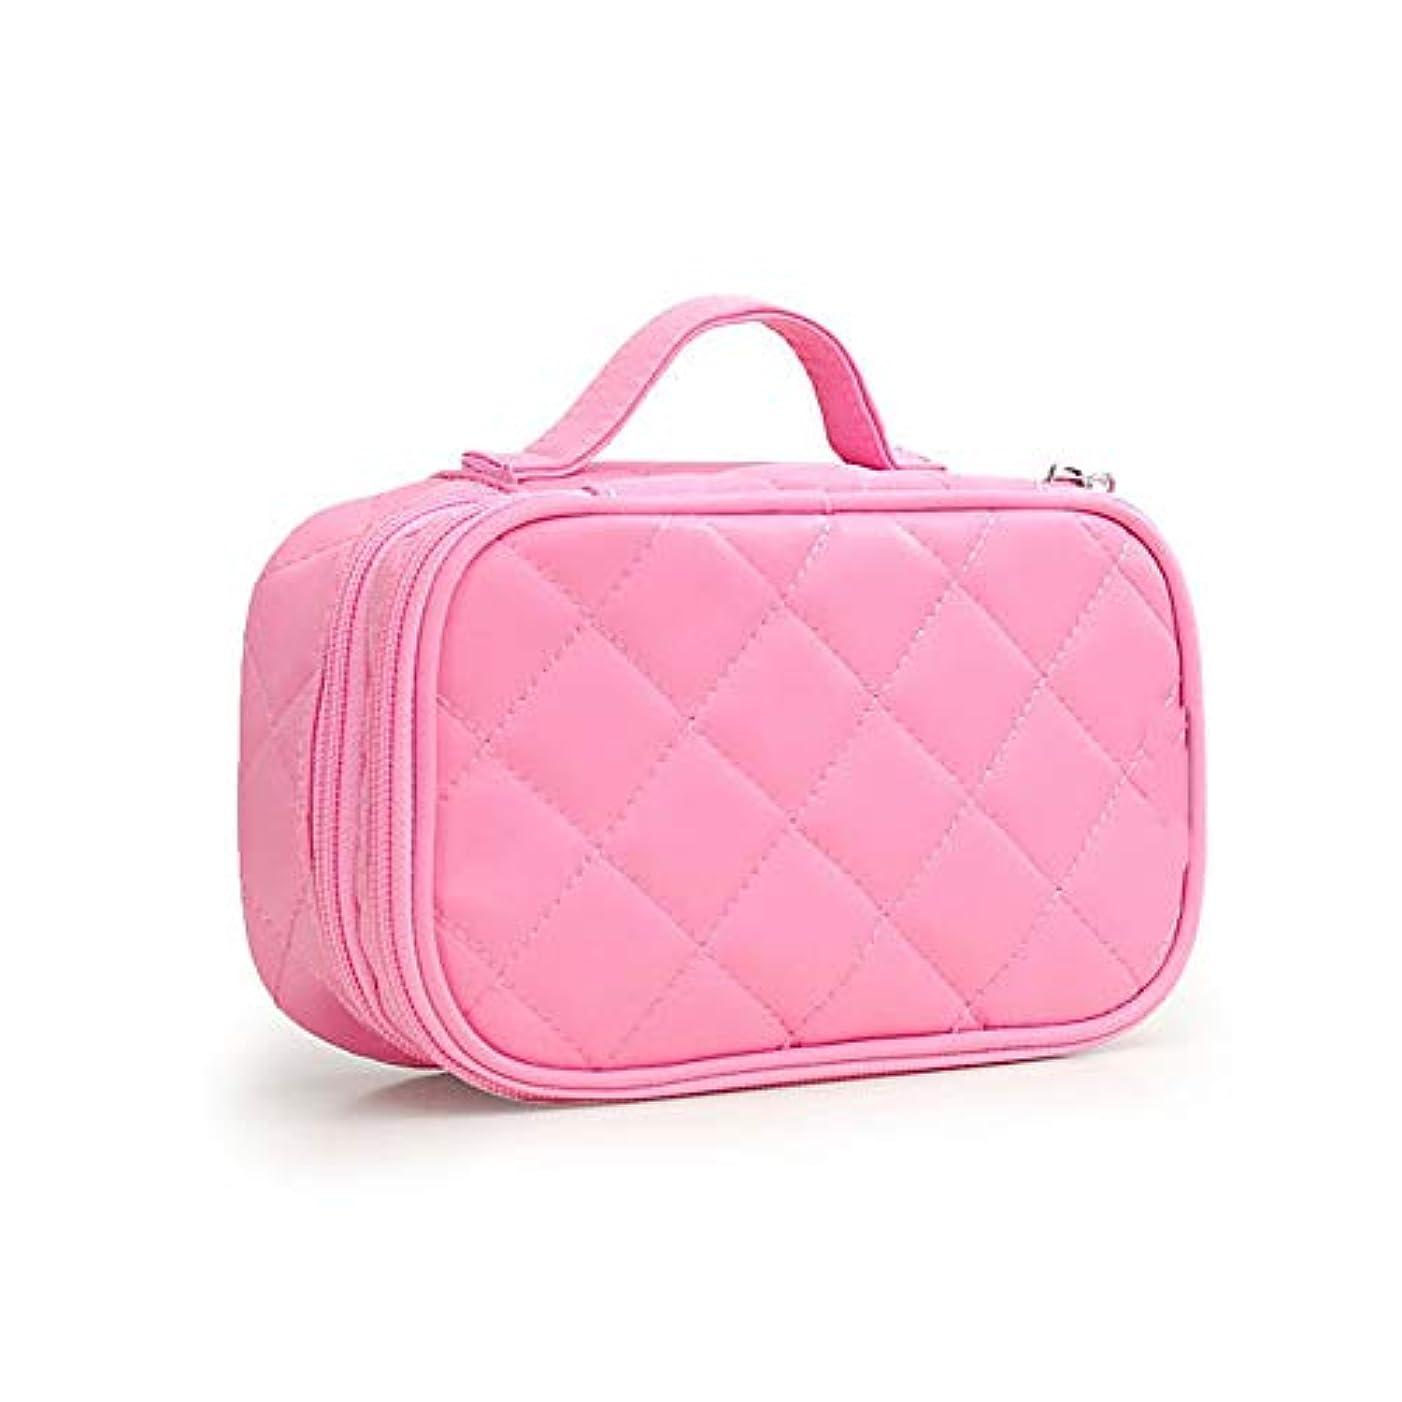 信者リーズ式化粧オーガナイザーバッグ 女性の化粧品バッグのポータブル韓国語バージョン創造的な ナイロン防水洗浄バッグ。 化粧品ケース (色 : ピンク)